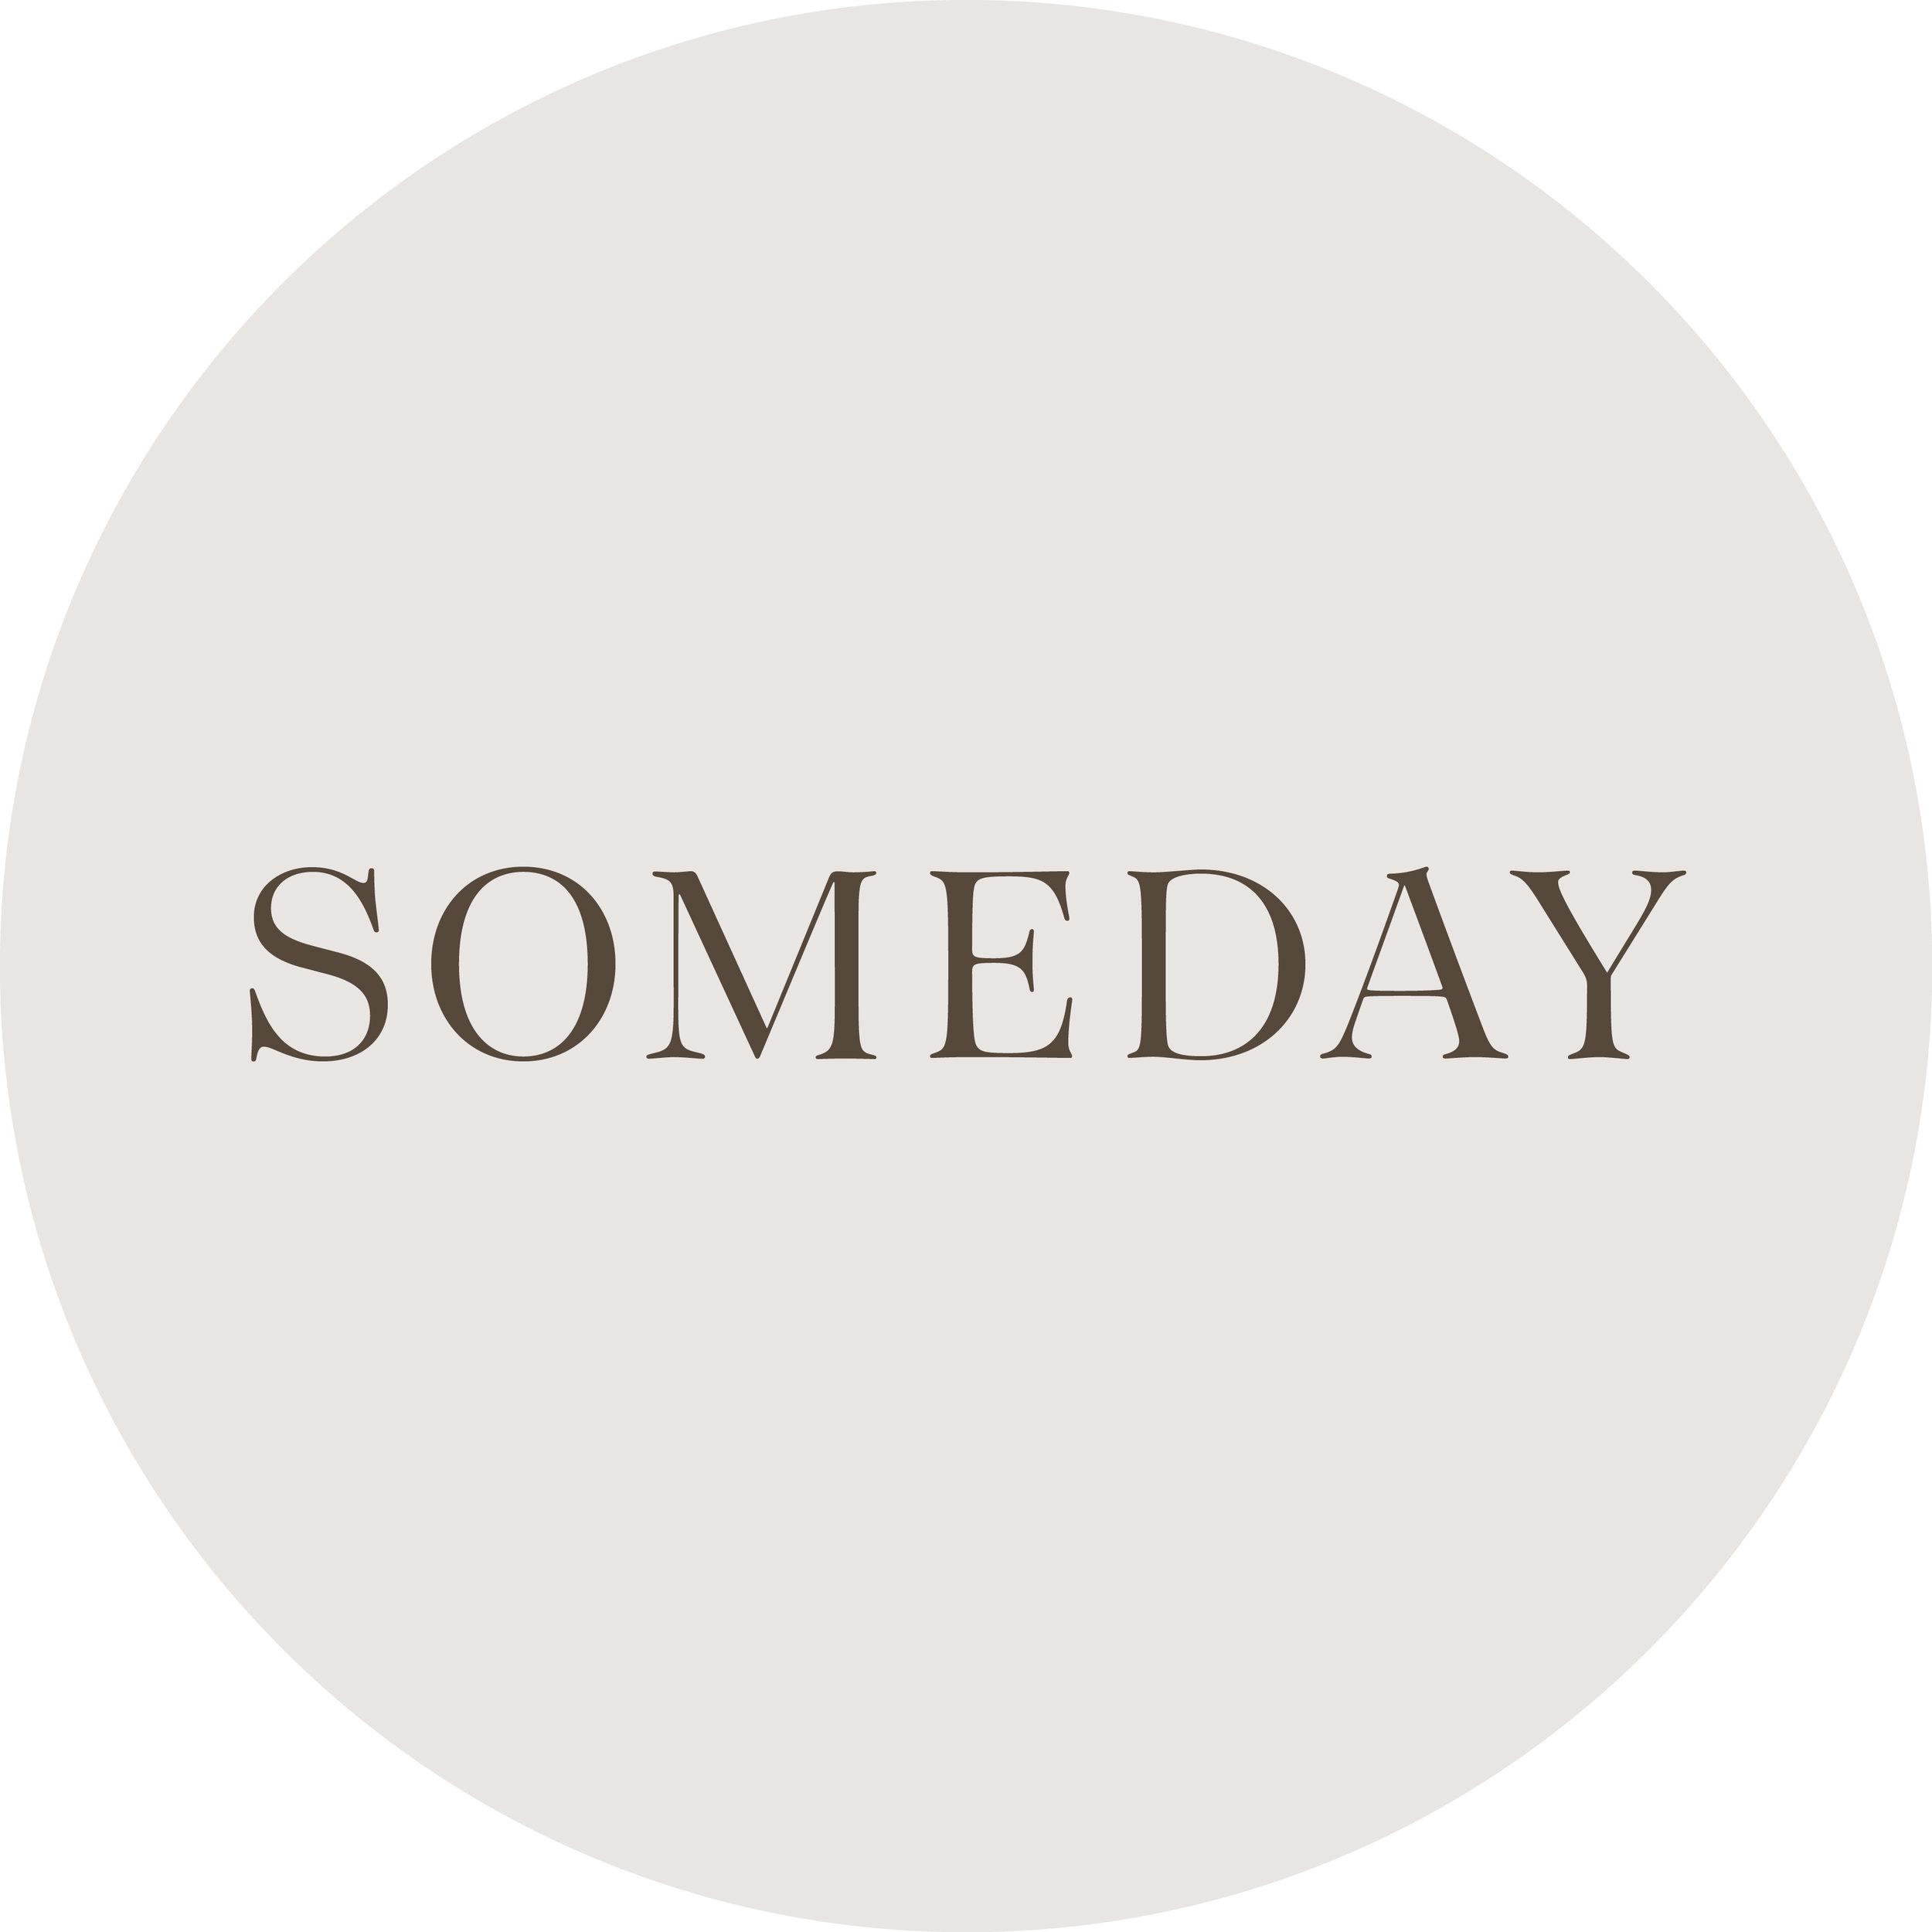 someday circle_2.jpg